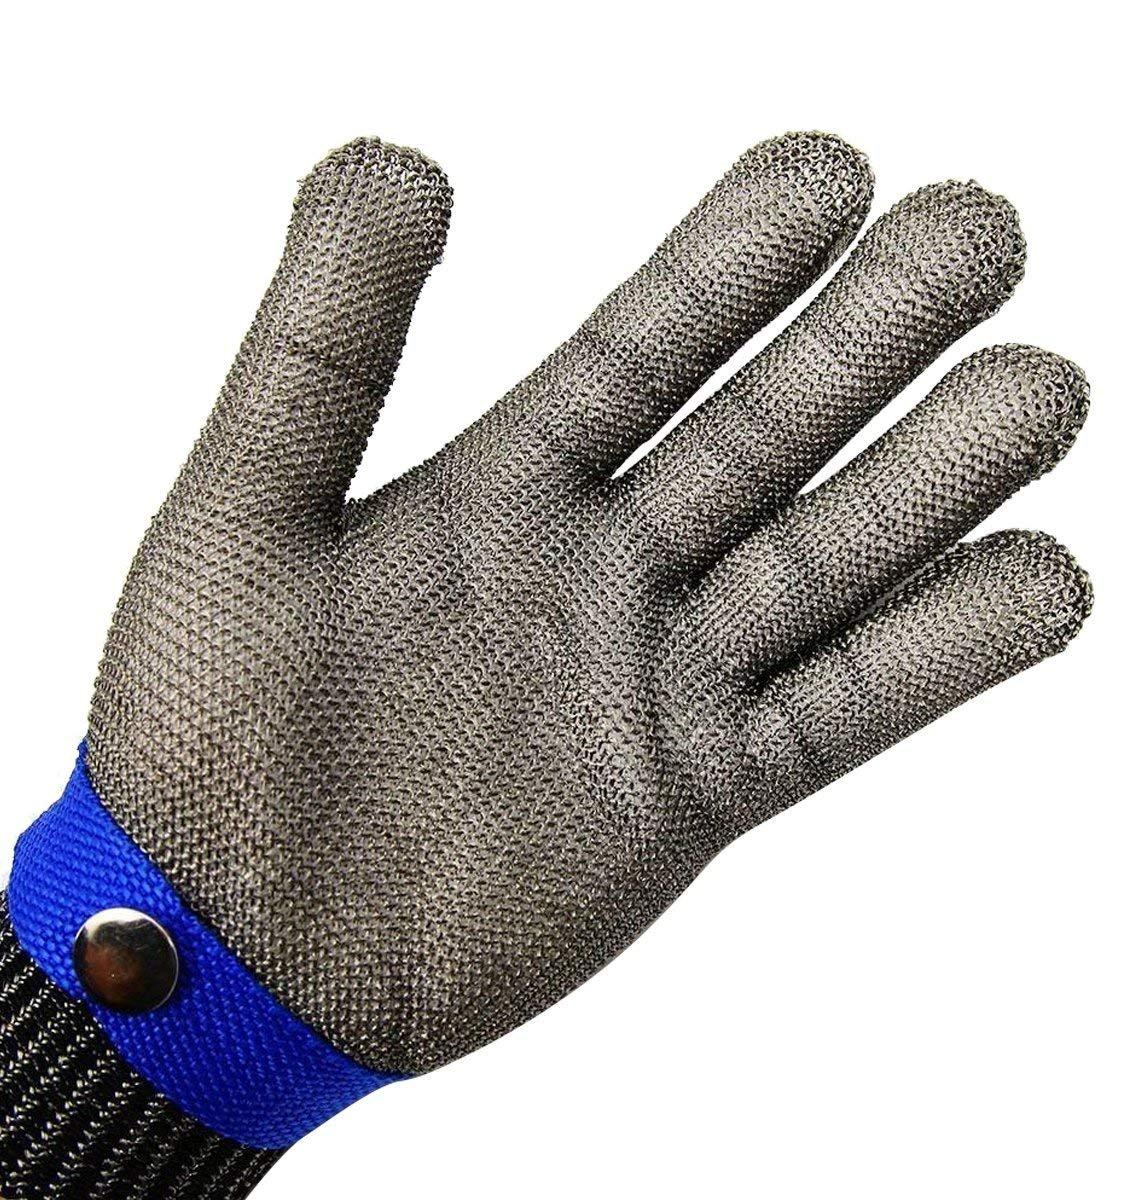 5f8db034ca7a0 Coupe de sécurité de Boucher en Cotte de Maille Acier inoxydable bleu Gants  Taille XL haute performance Protection de niveau 5